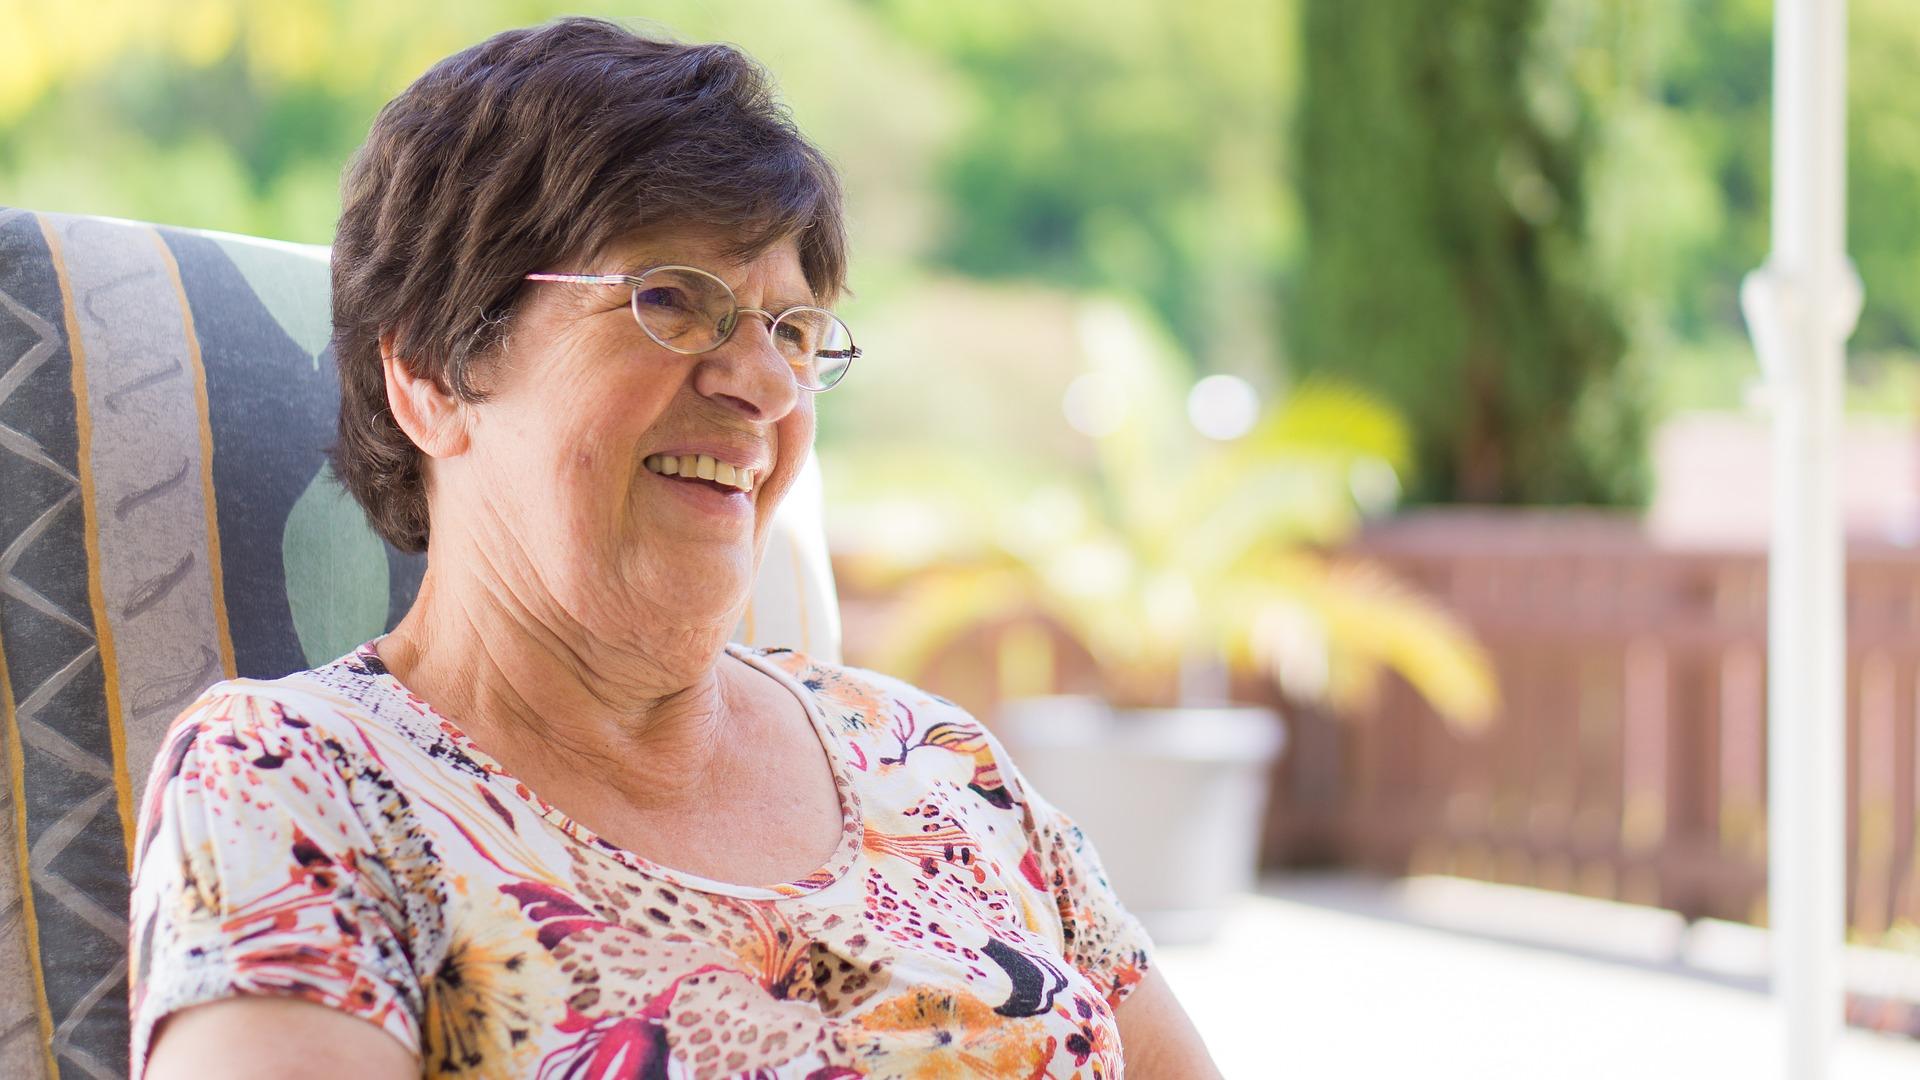 Alpine Nursing Home Mission Statement